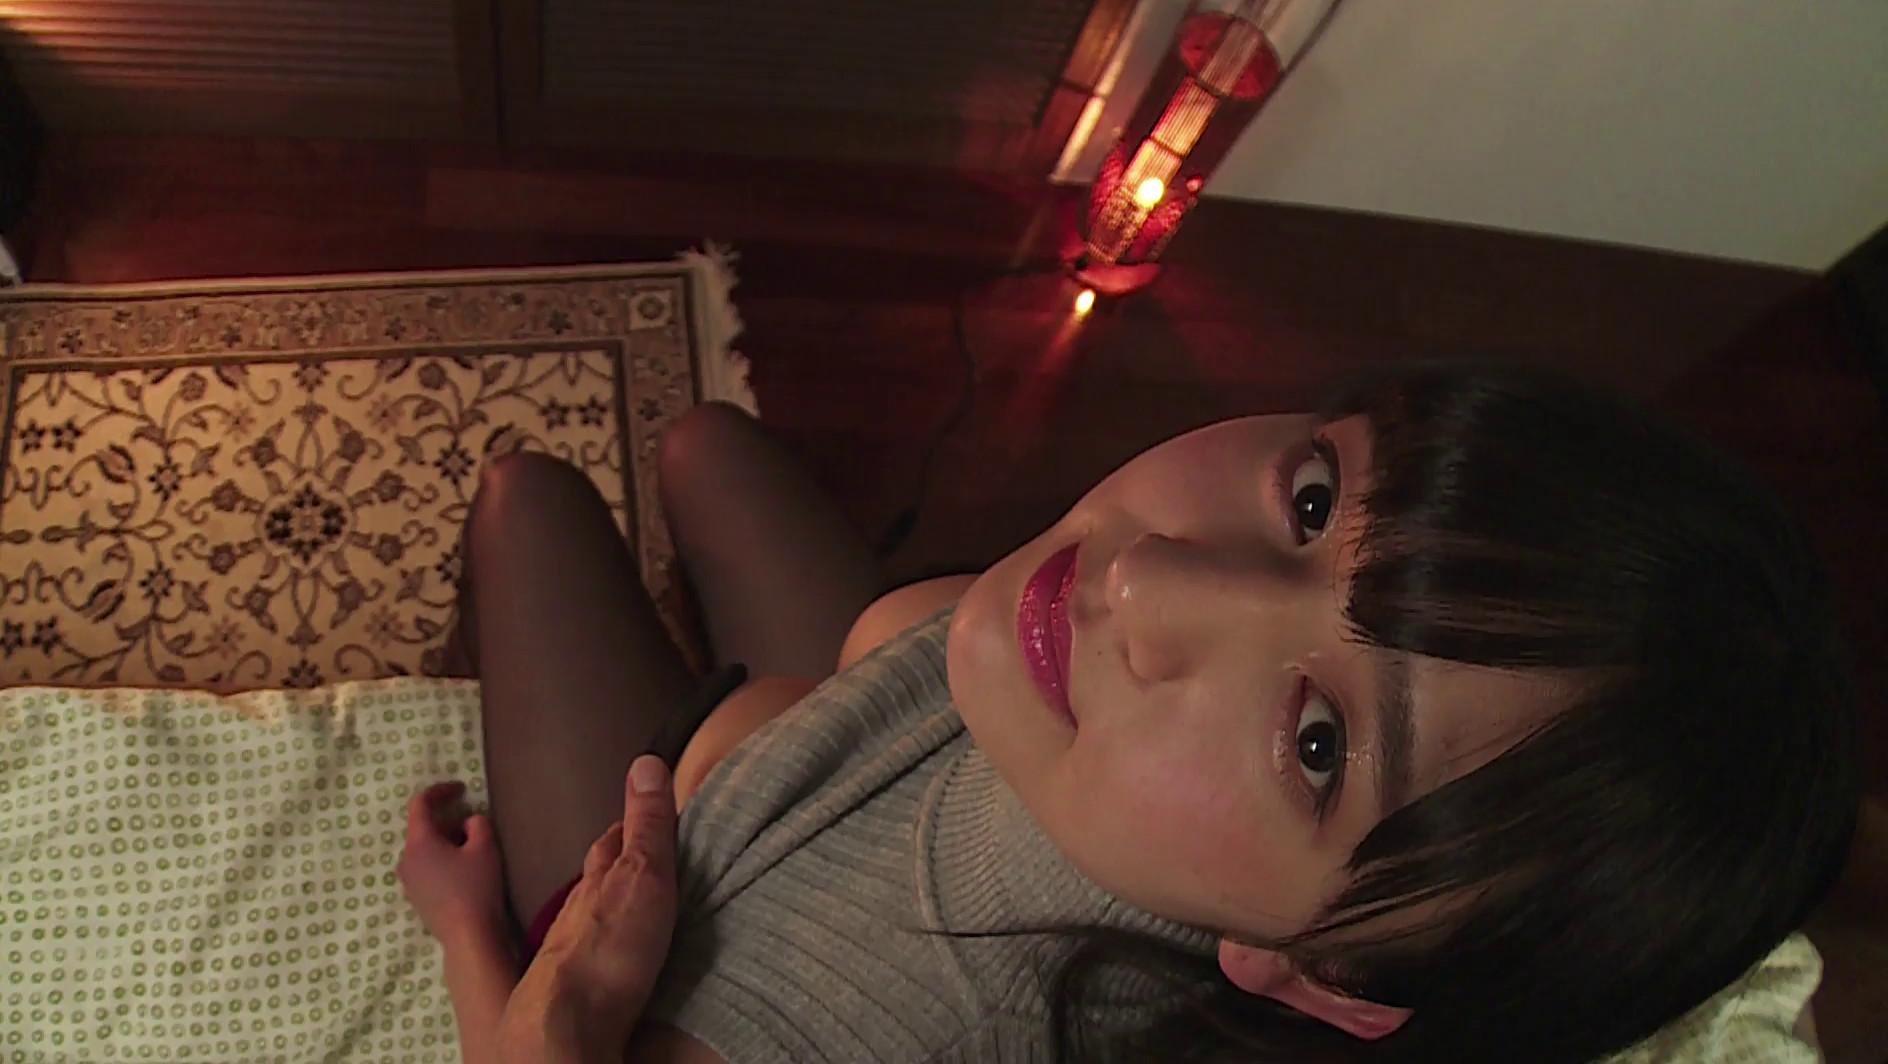 「ボクのことが好きでたまらない妹」 徳江かな16